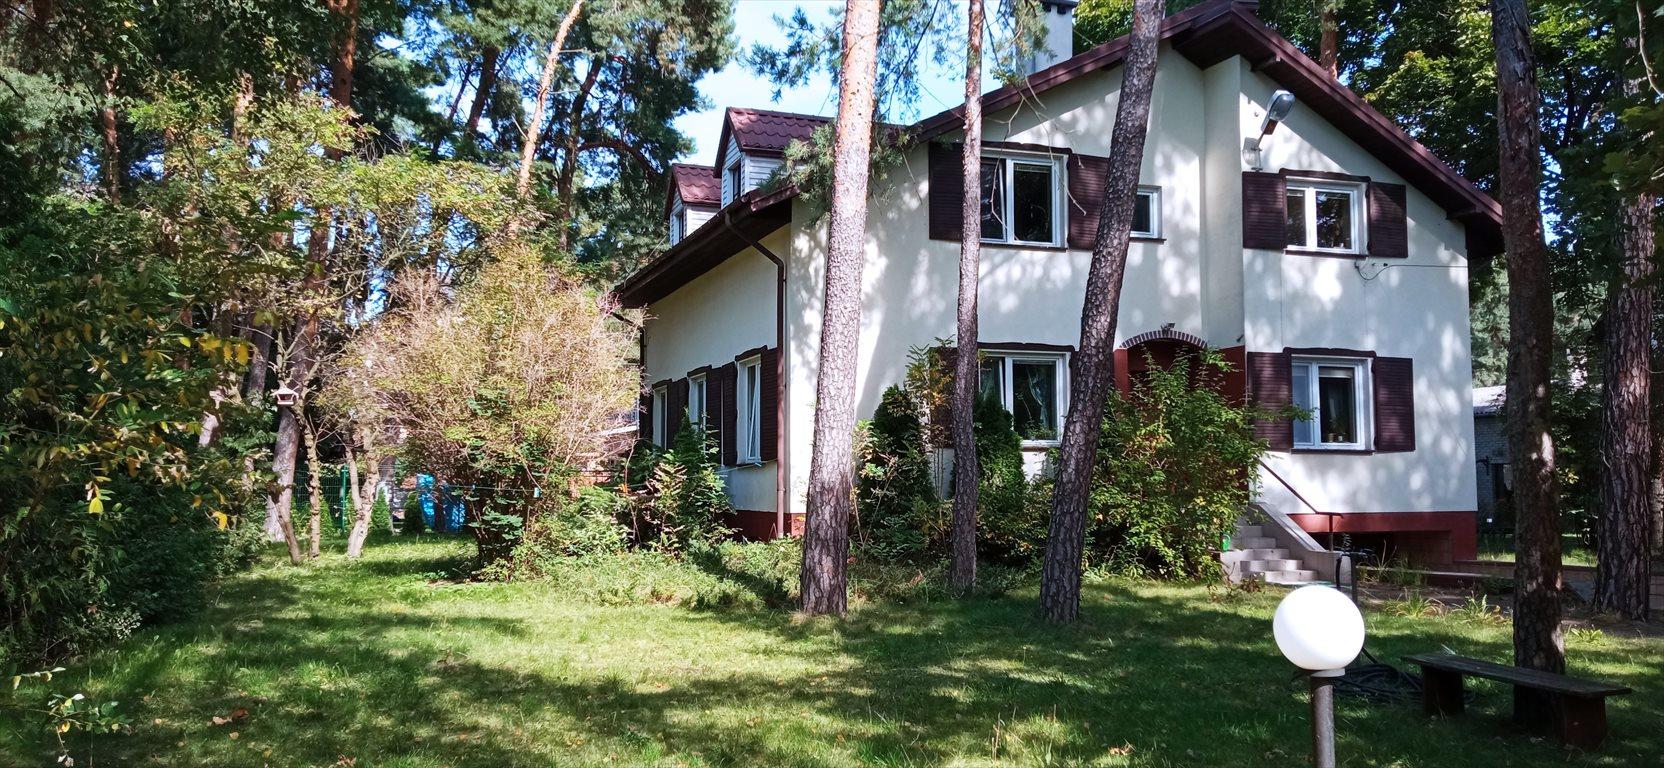 Dom na sprzedaż Józefów, Polna  206m2 Foto 1